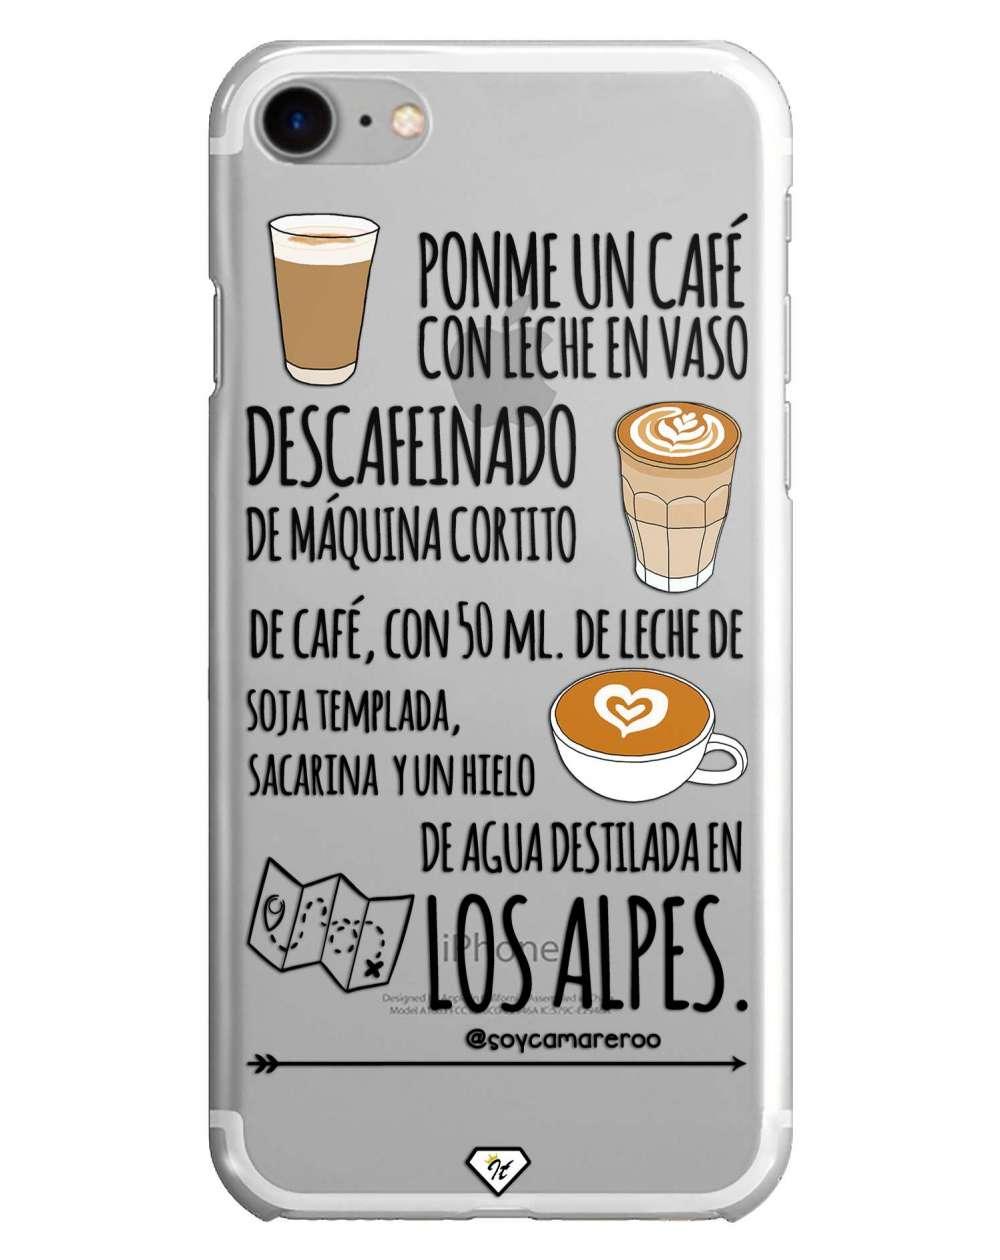 Ponme un café